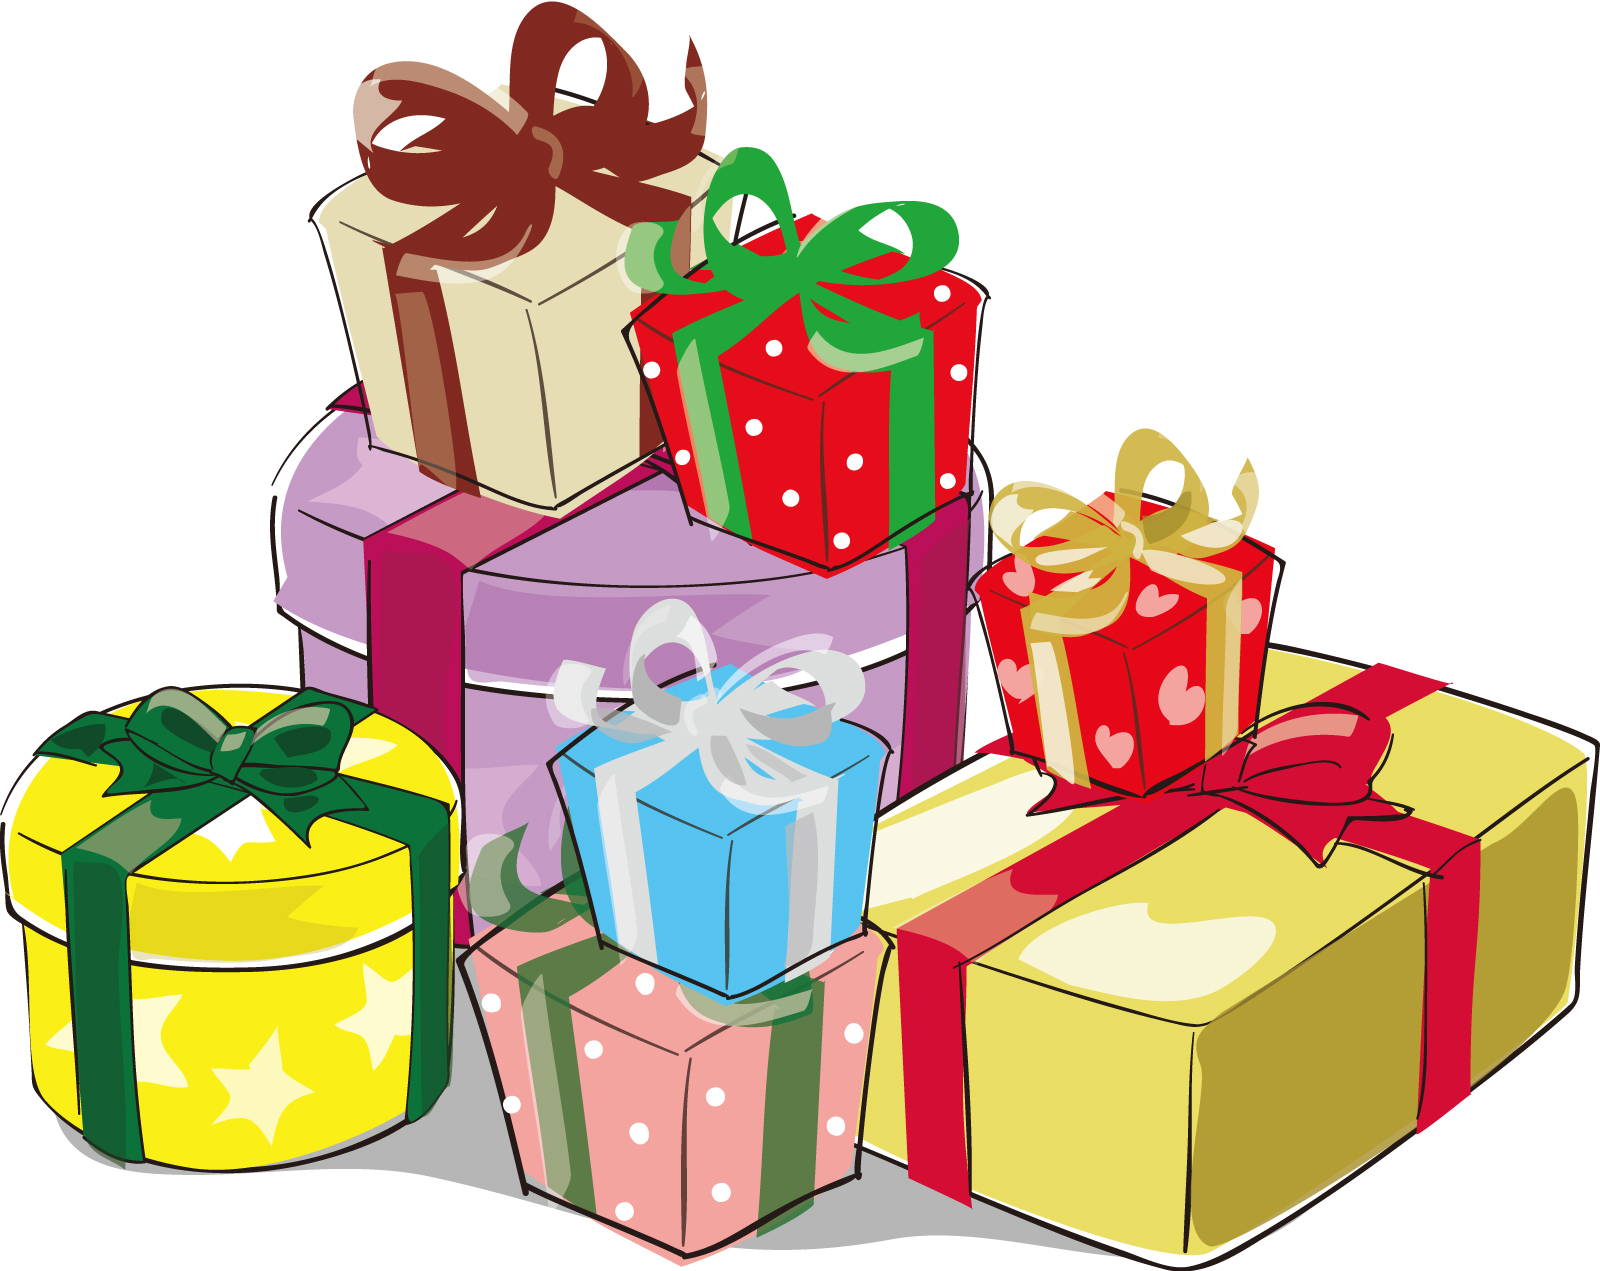 プレゼントボックス3」ダウンロード かわいい無料イラスト 印刷